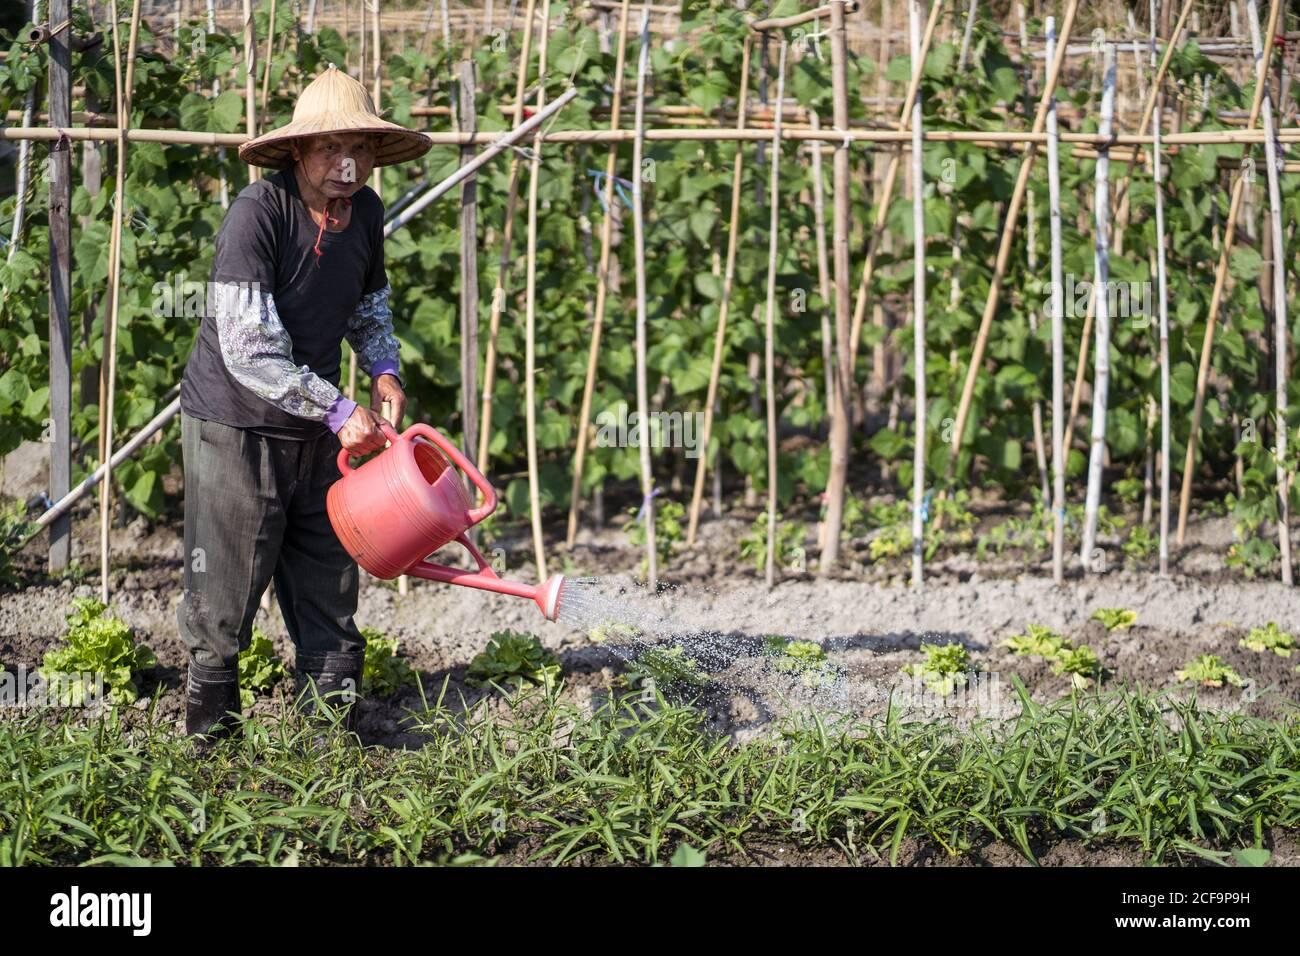 Homme asiatique d'âge moyen plein corps en paille orientale traditionnelle chapeau regardant l'appareil photo et utilisant le pot d'arrosage pendant le versement Plantes vertes poussant dans le jardin à Taïwan Banque D'Images